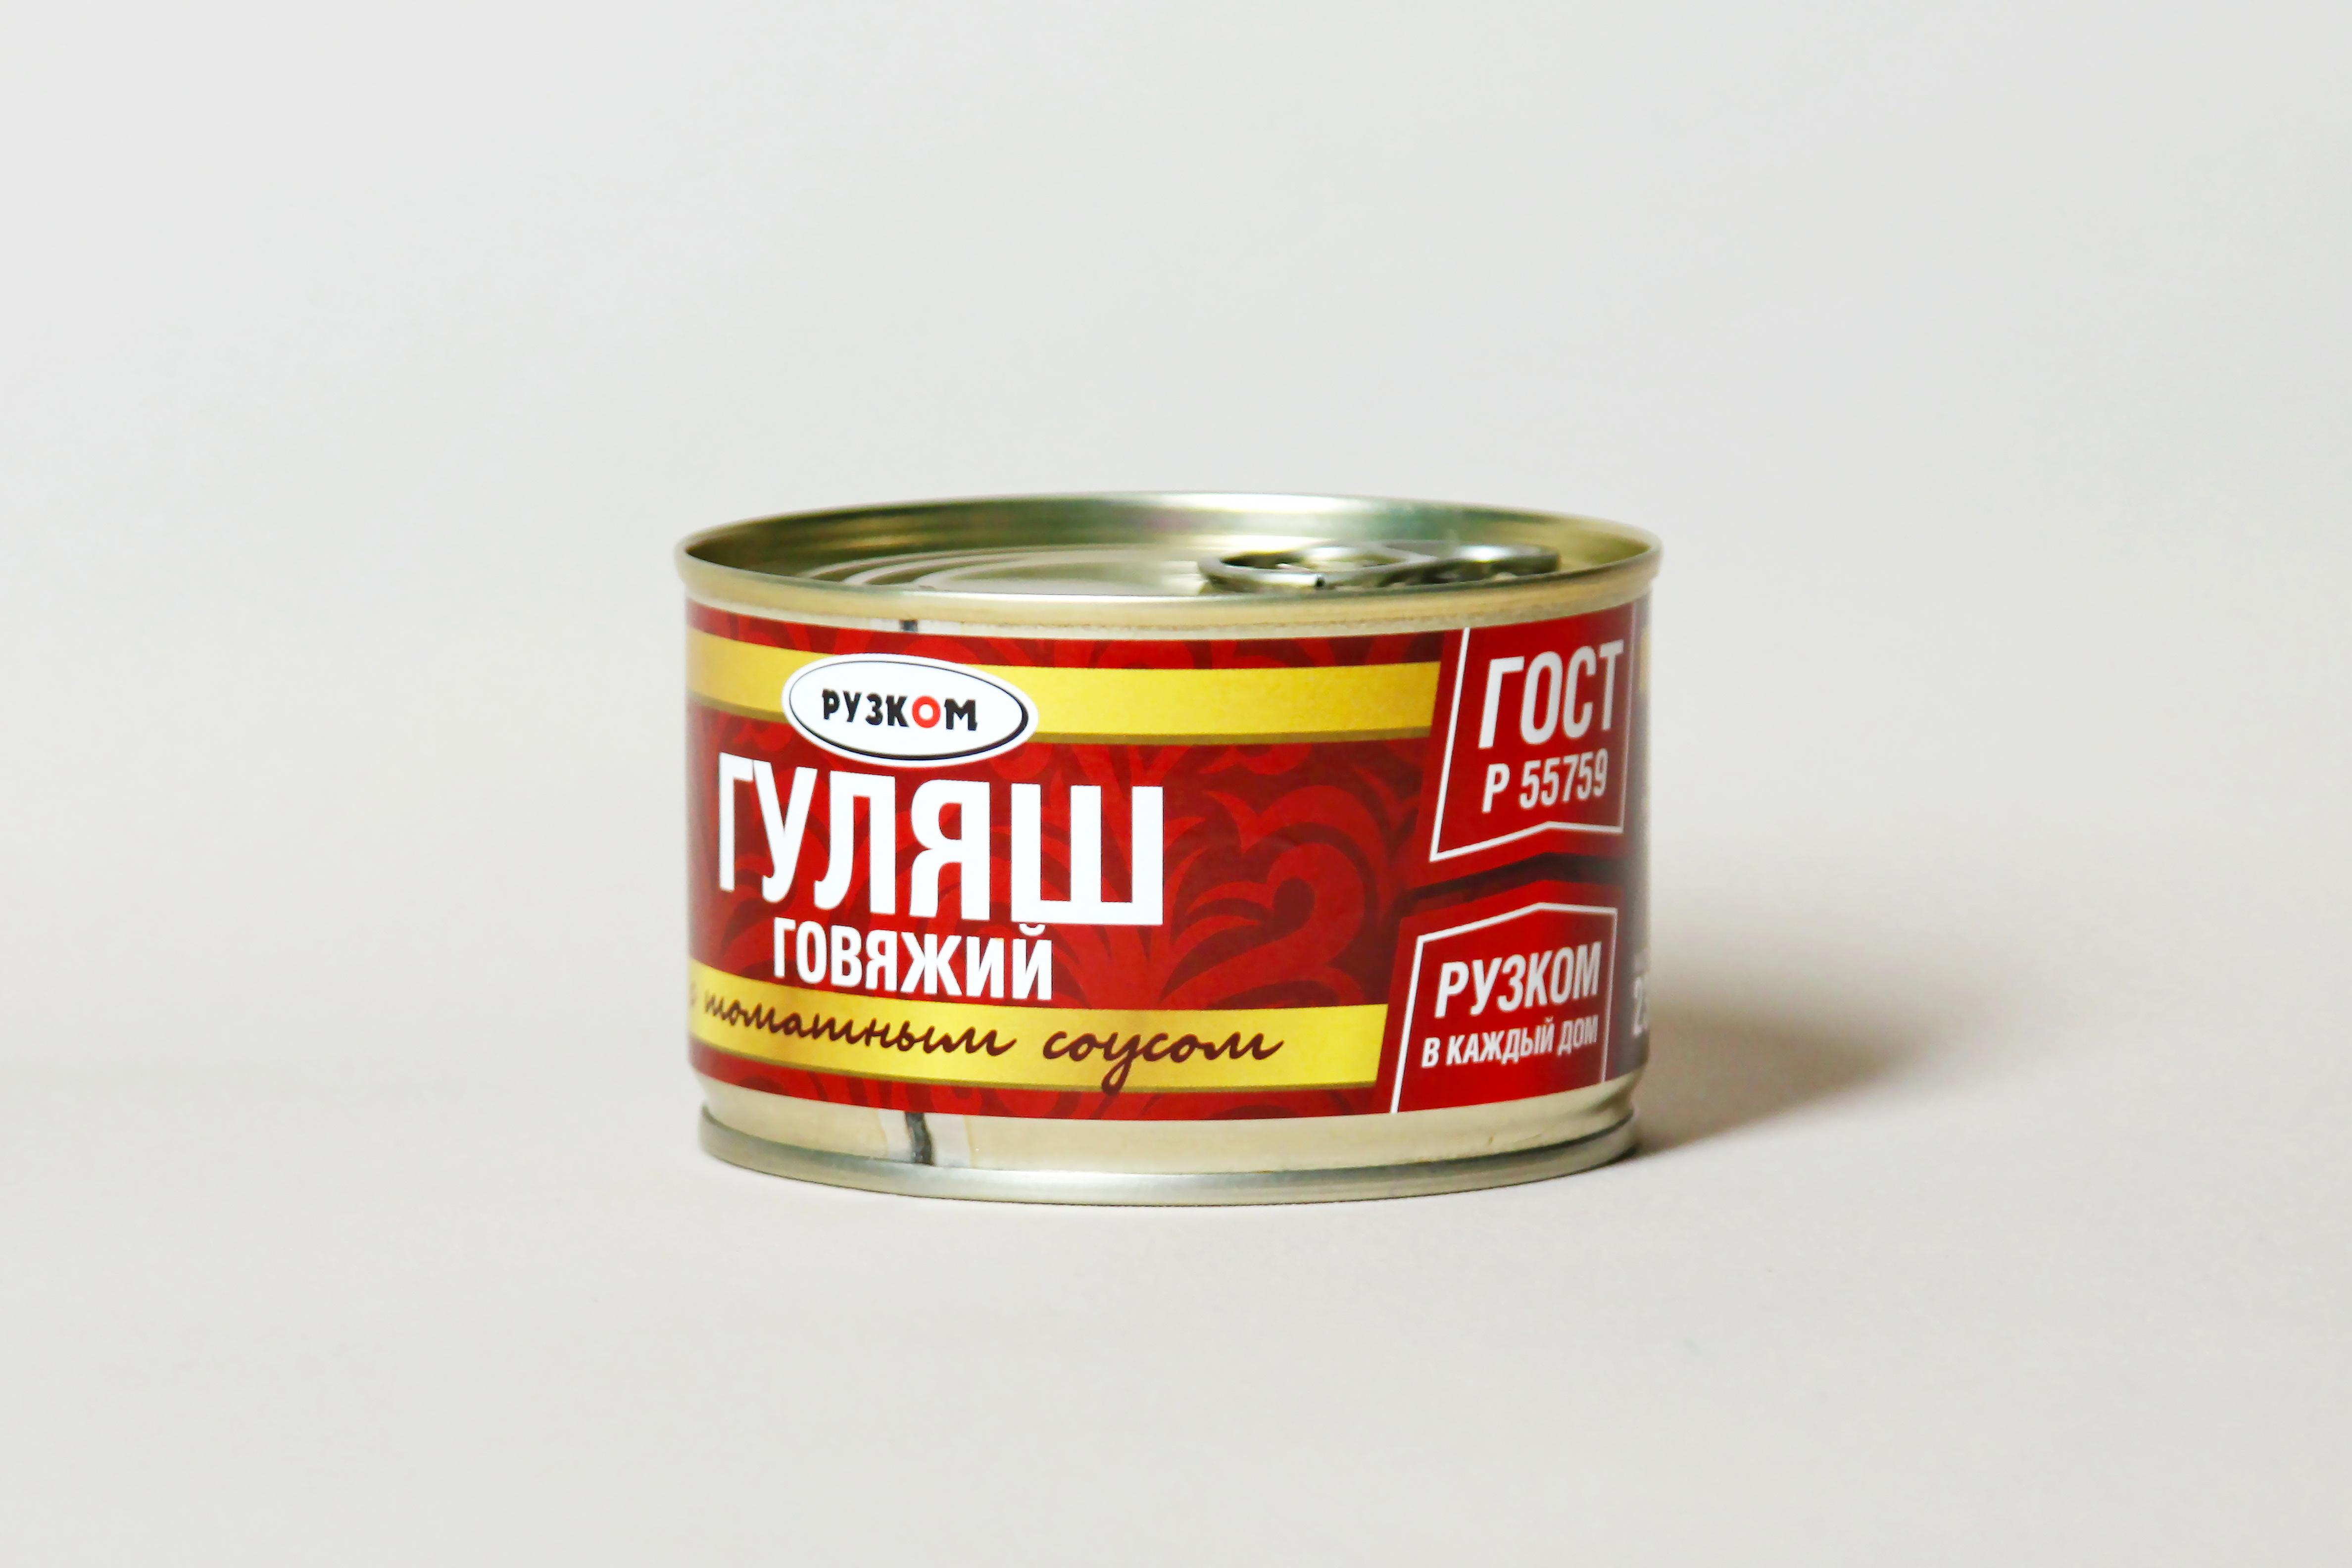 Гуляш говяжий с томатным соусом